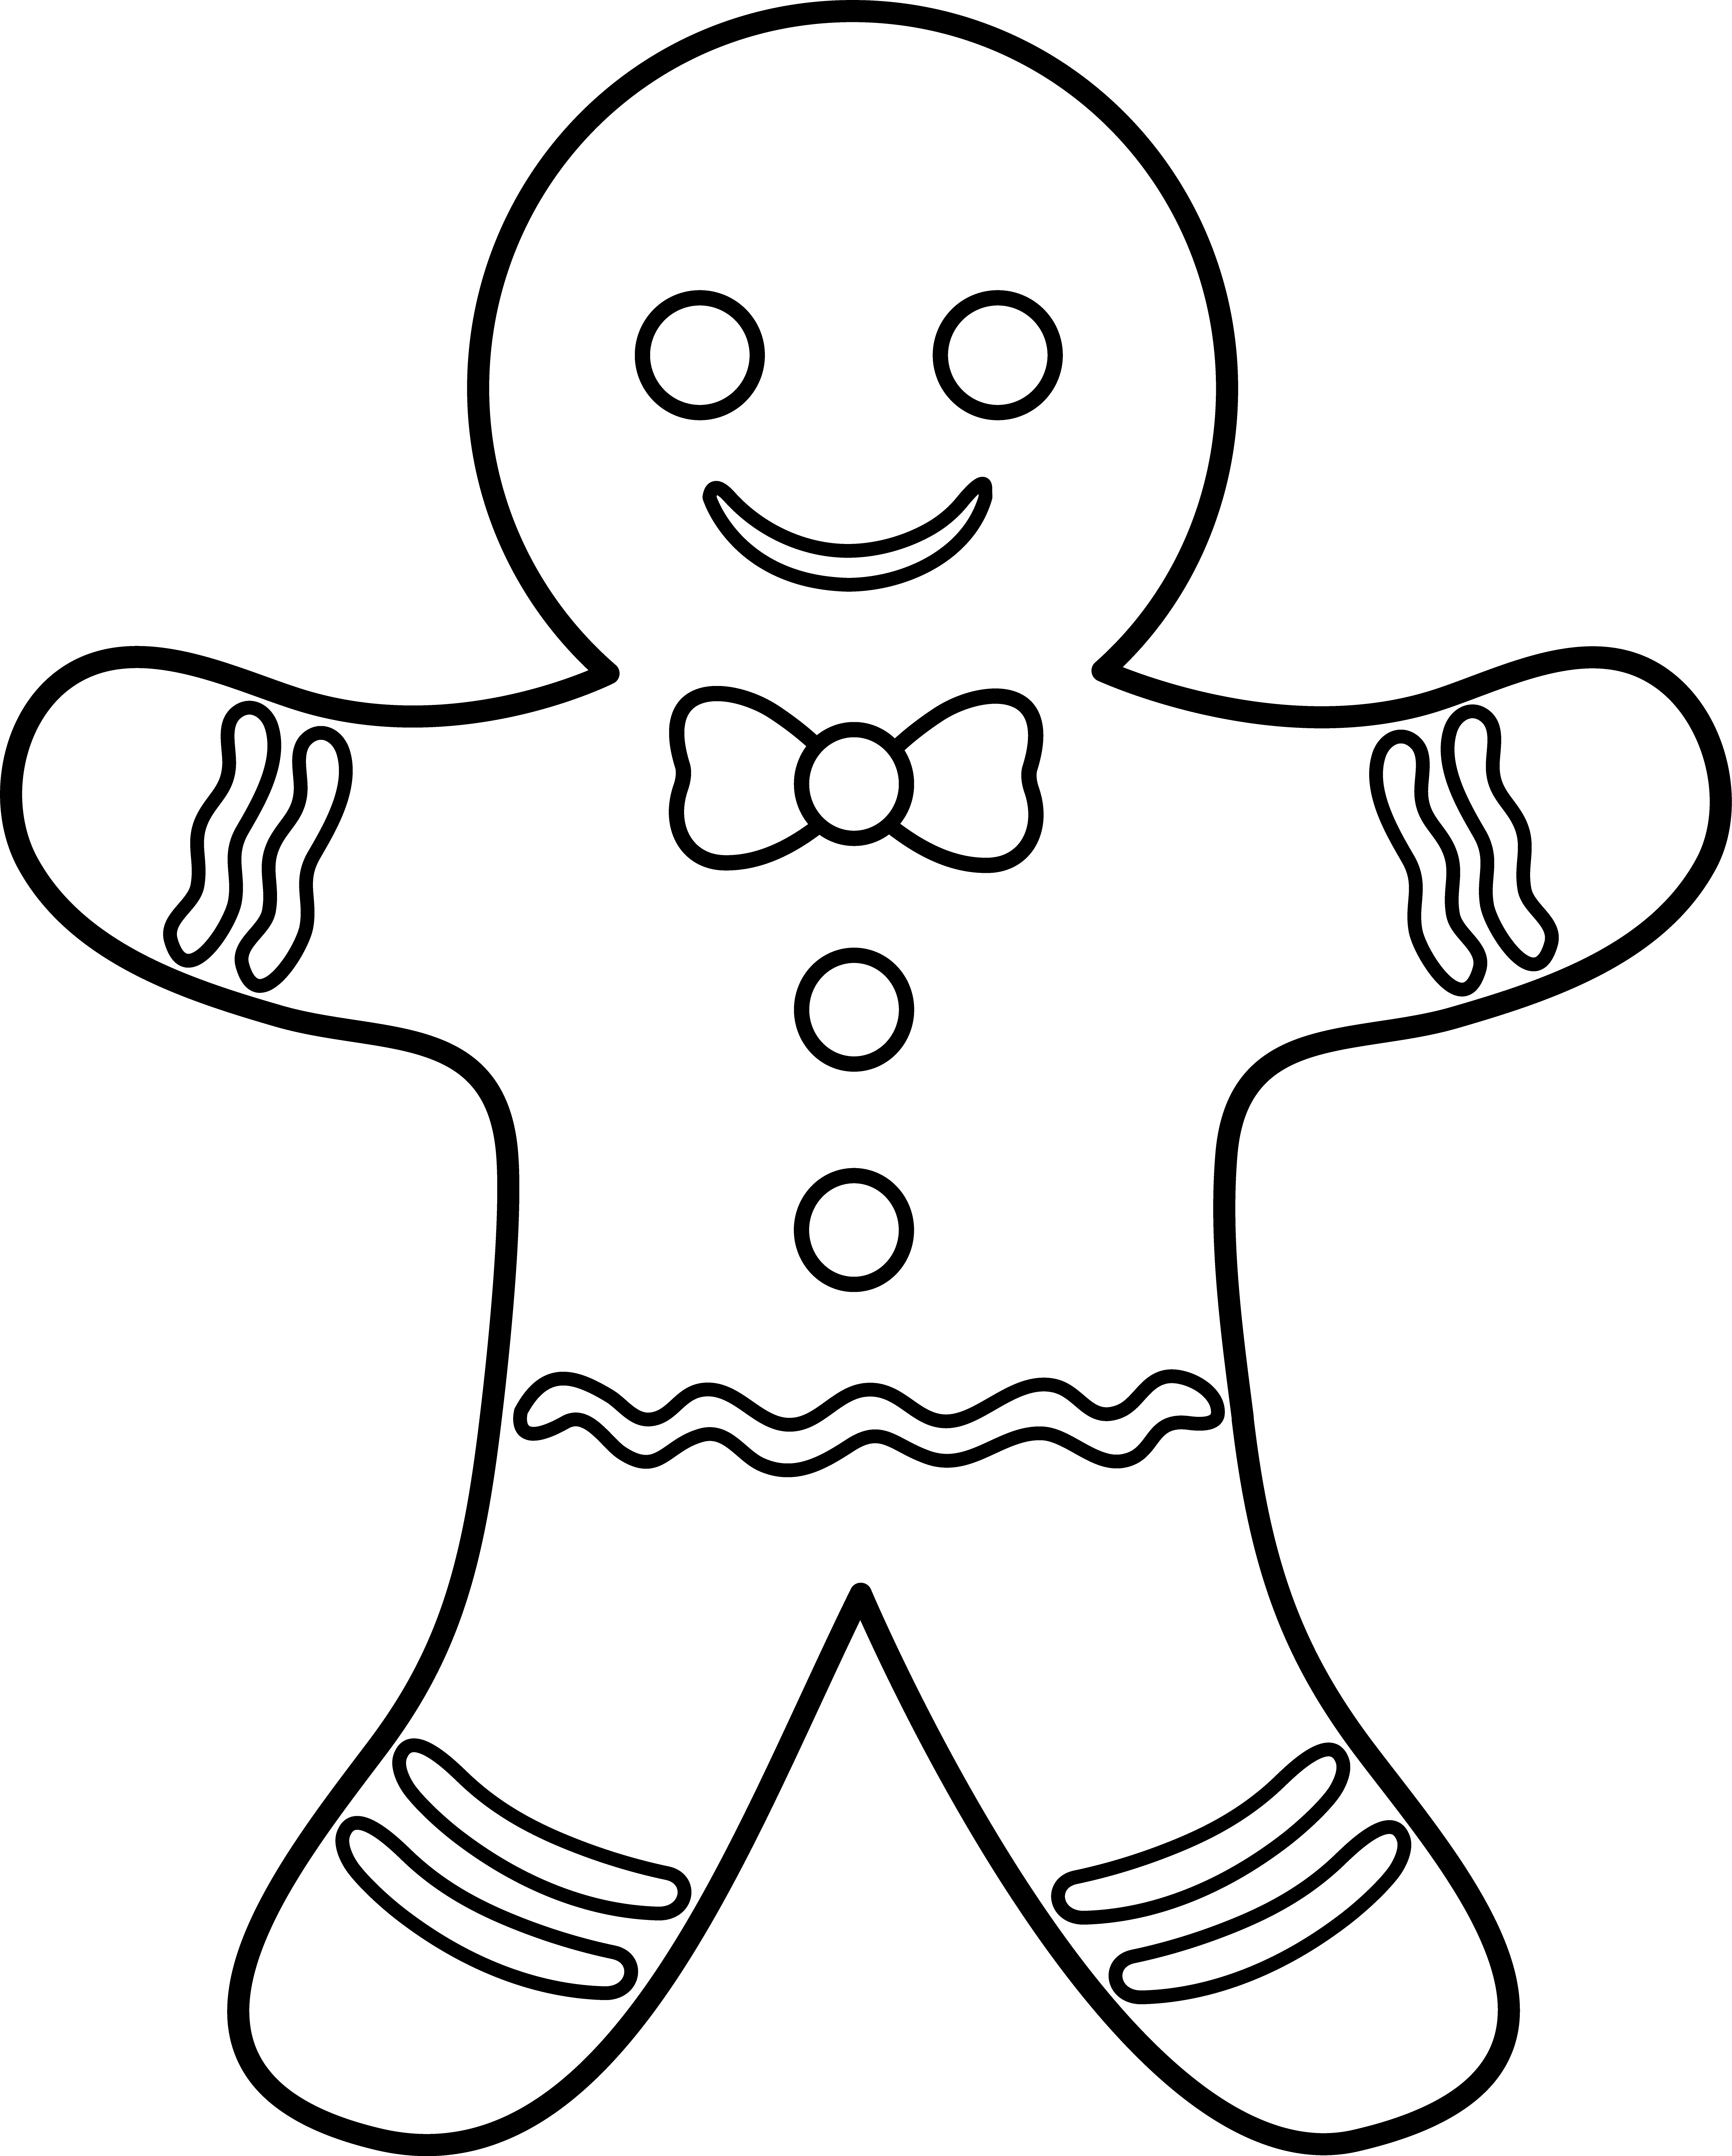 5208x6484 Gingerbread Man Art